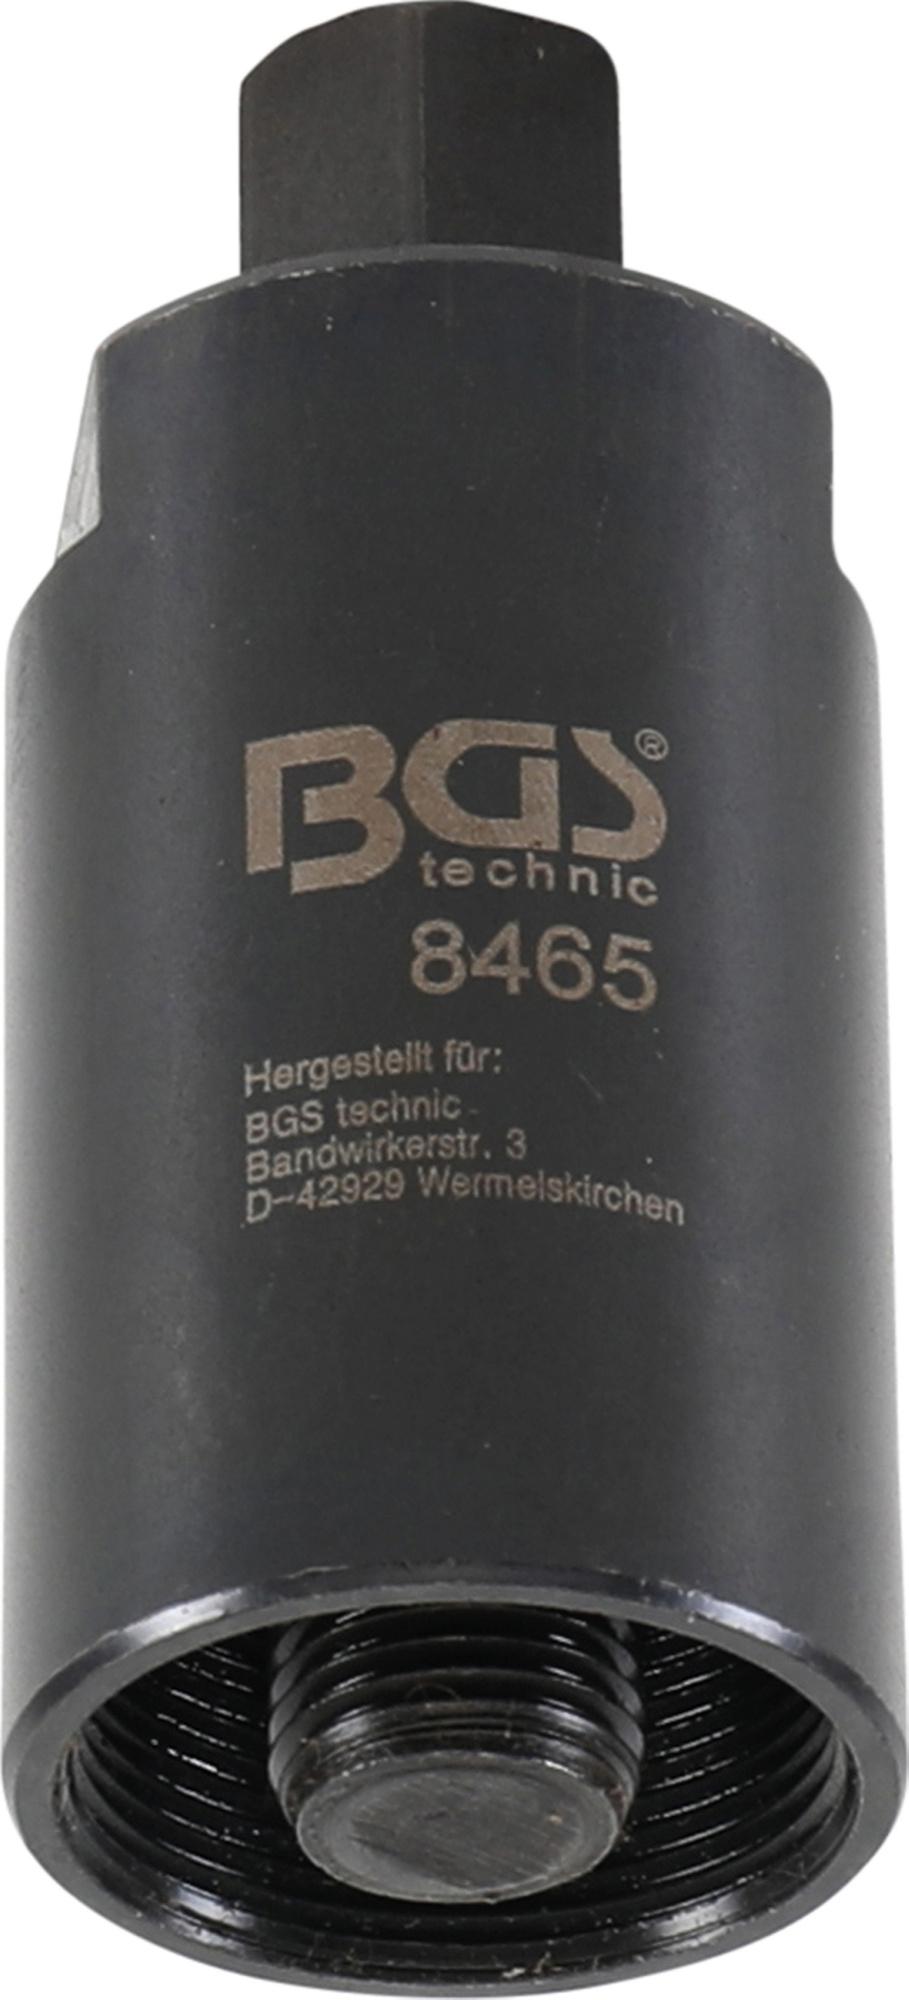 BGS 8465 Schwungrad-Abzieher für KTM, Suzuki, Yamaha